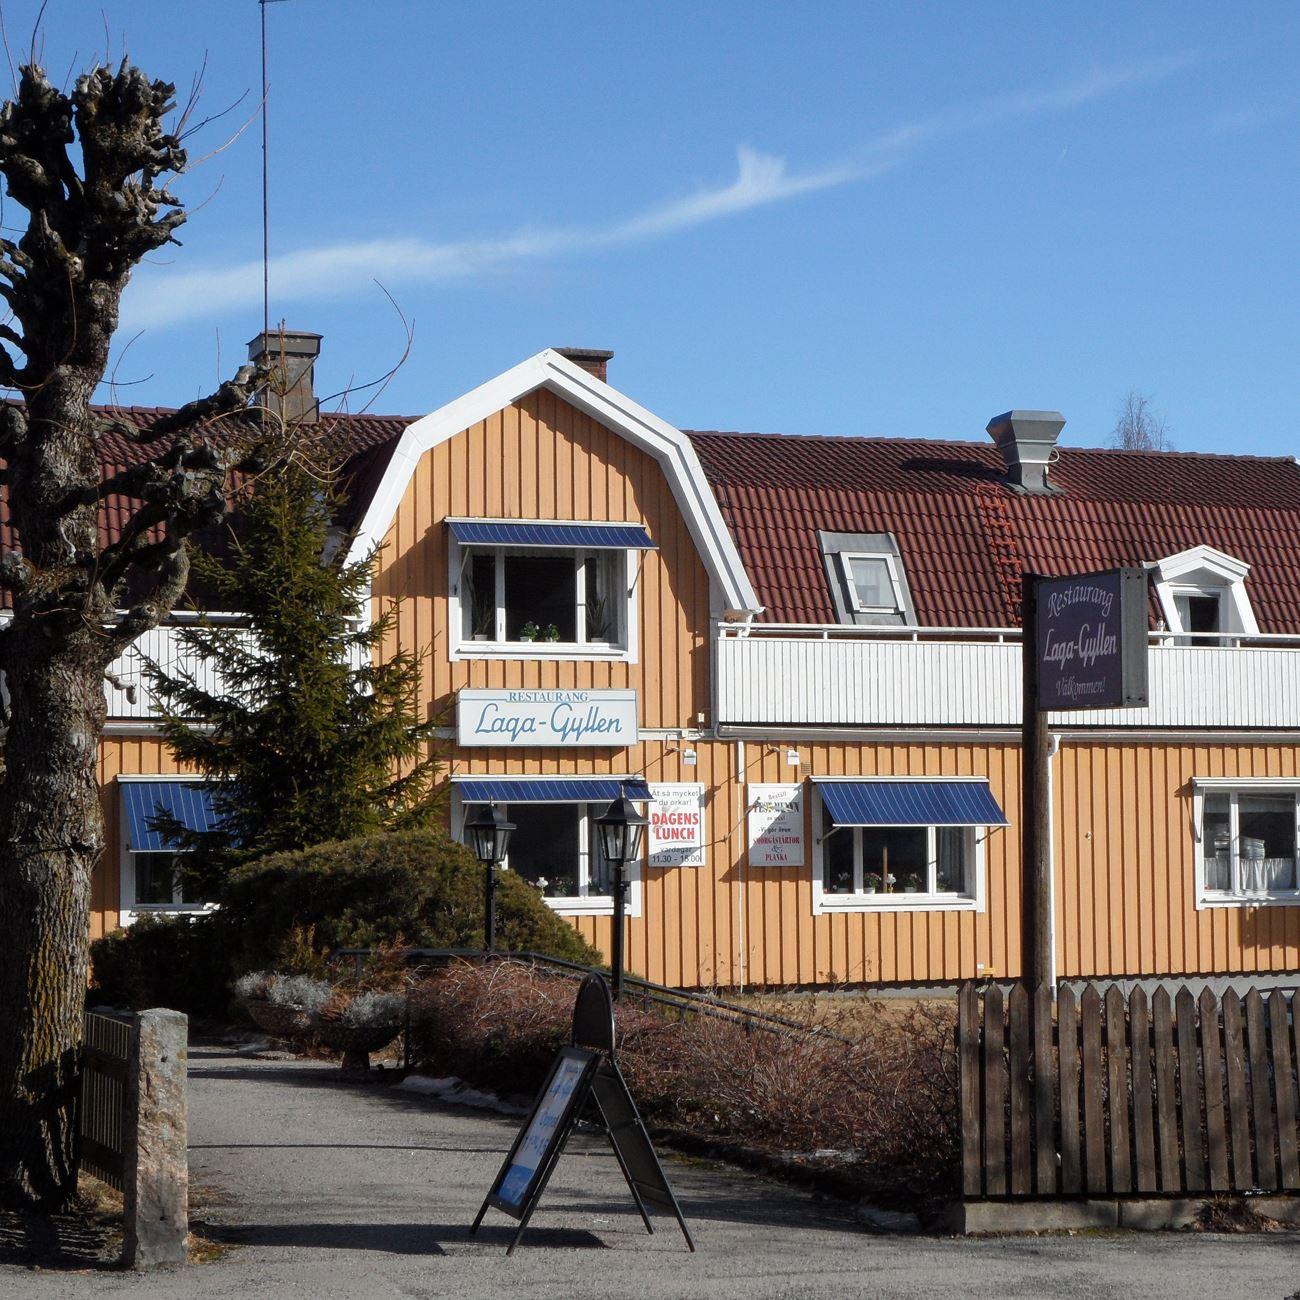 © Värnamo Näringsliv AB , Restaurant Laga-Gyllen